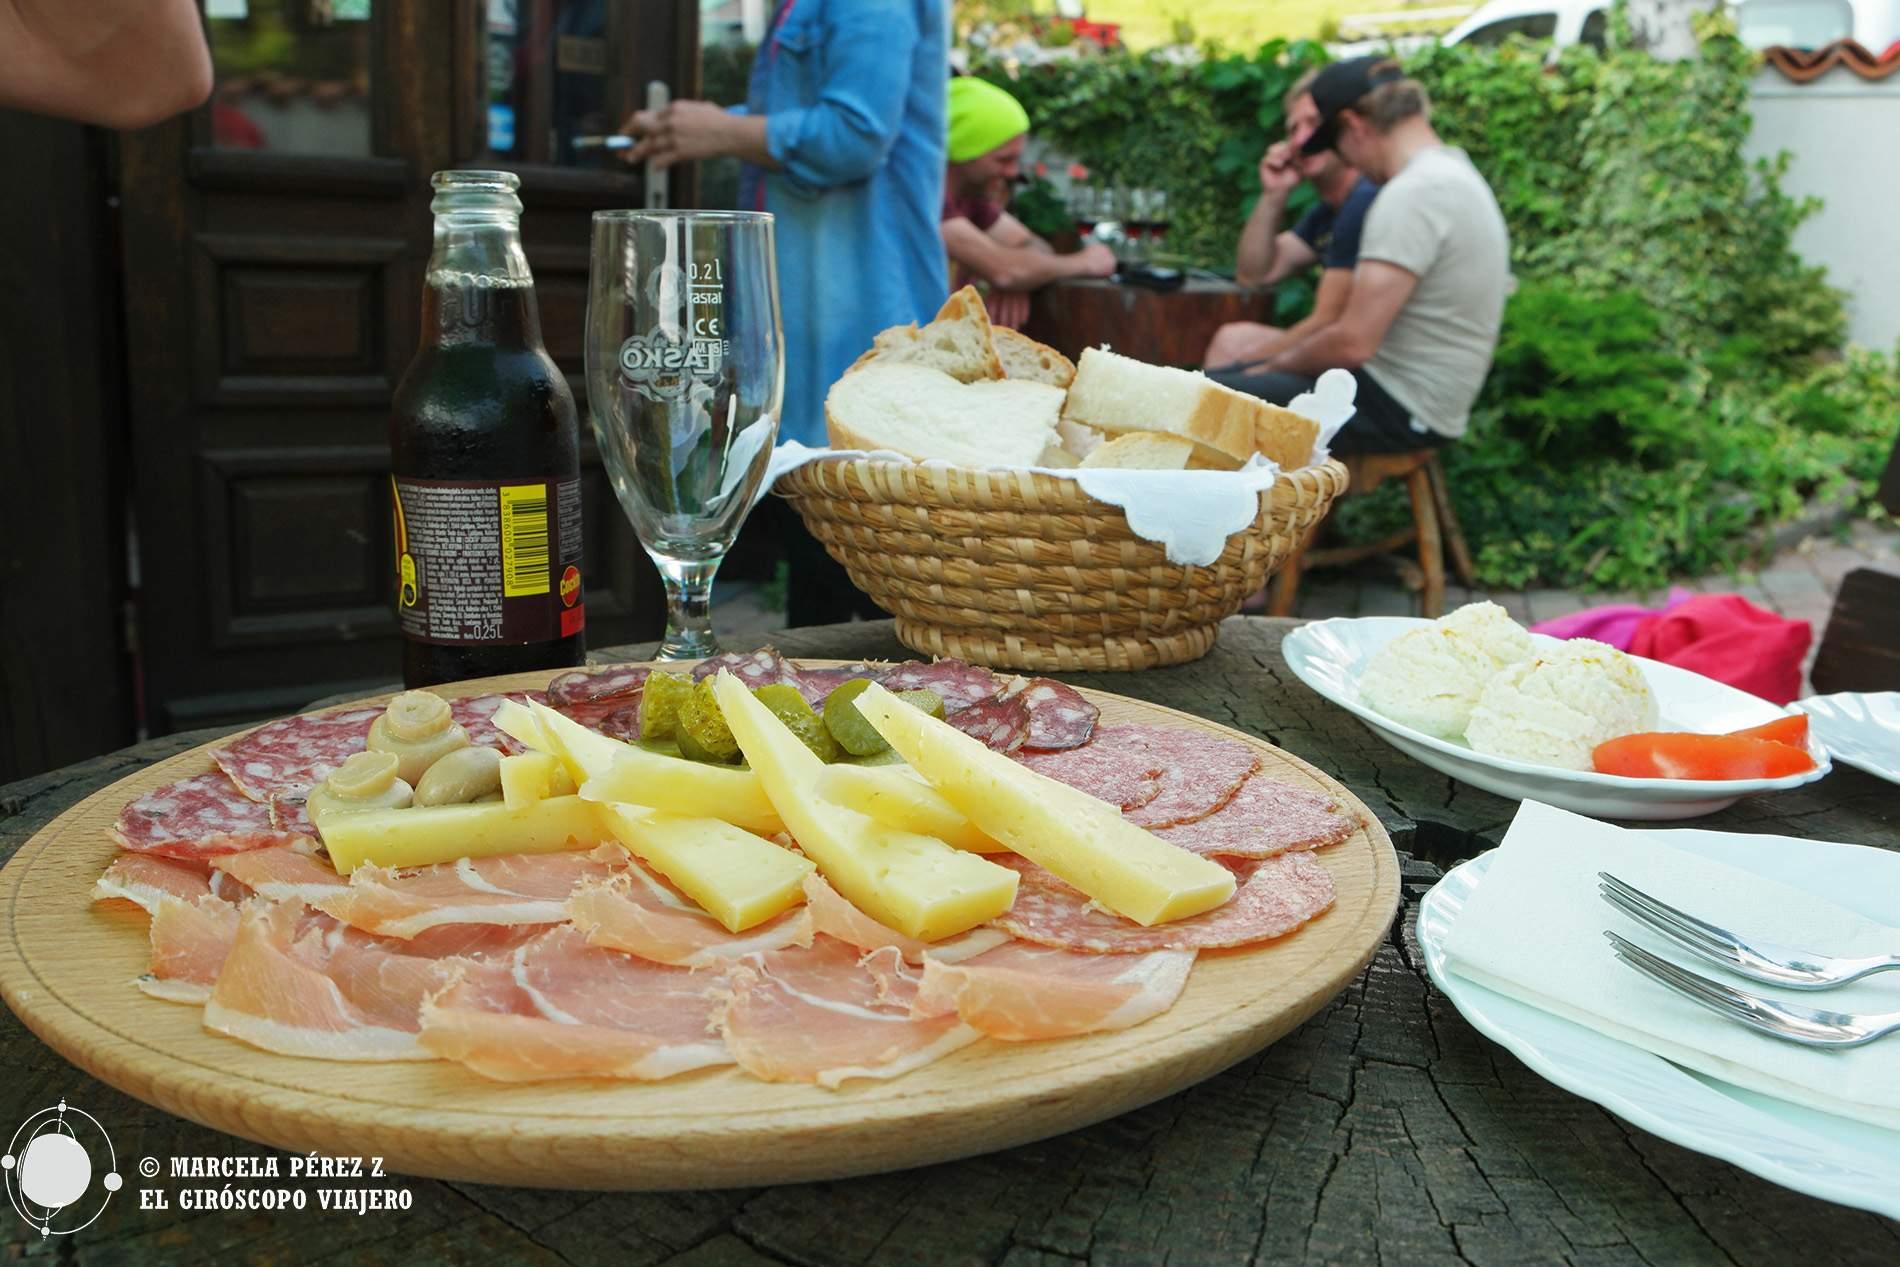 Descanso de la montaña con cerveza, quesos y embutidos eslovenos